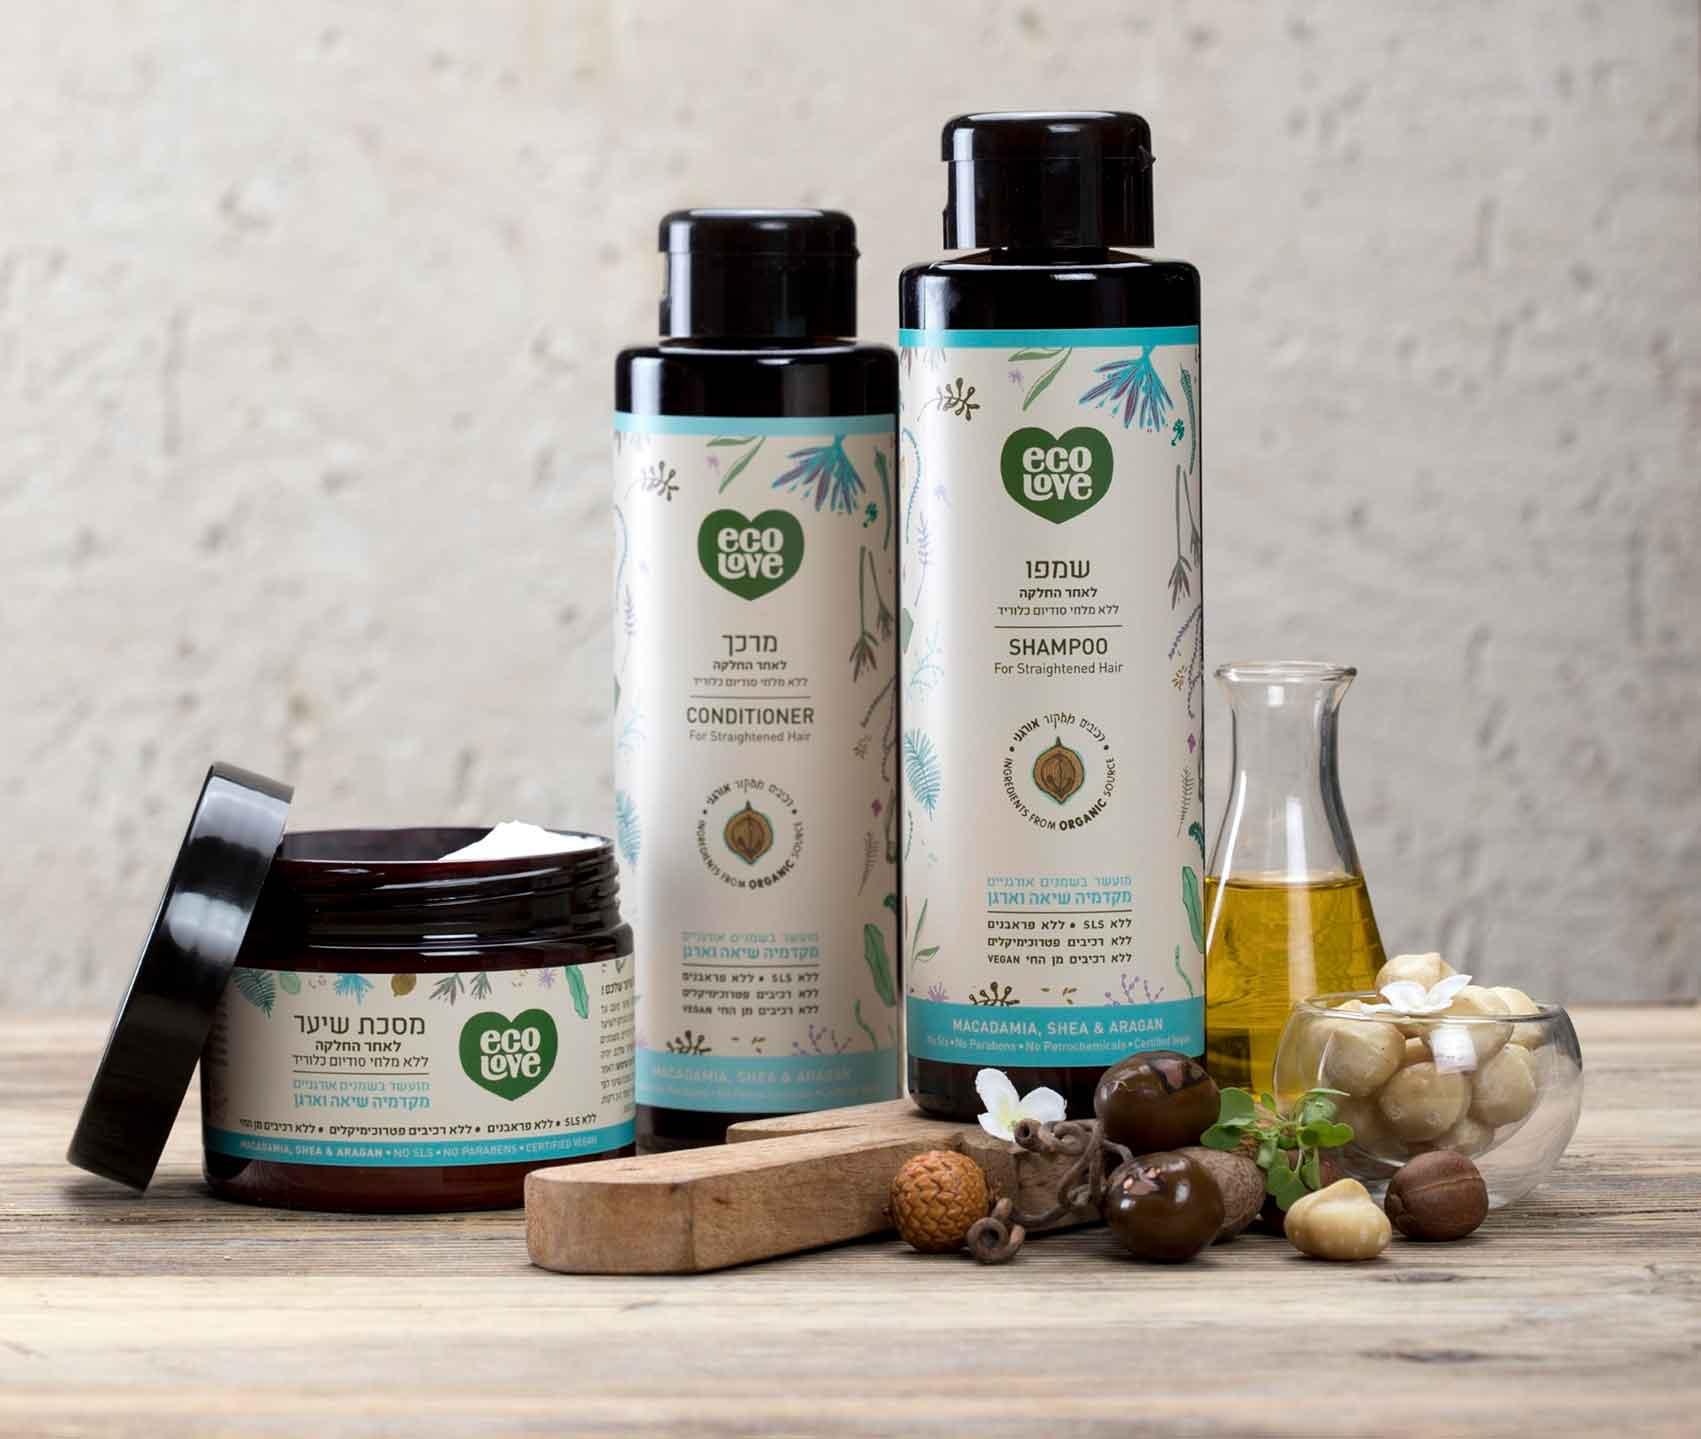 ecoLove-מוצרי-שיער-על בסיס-שמן-אגוזים